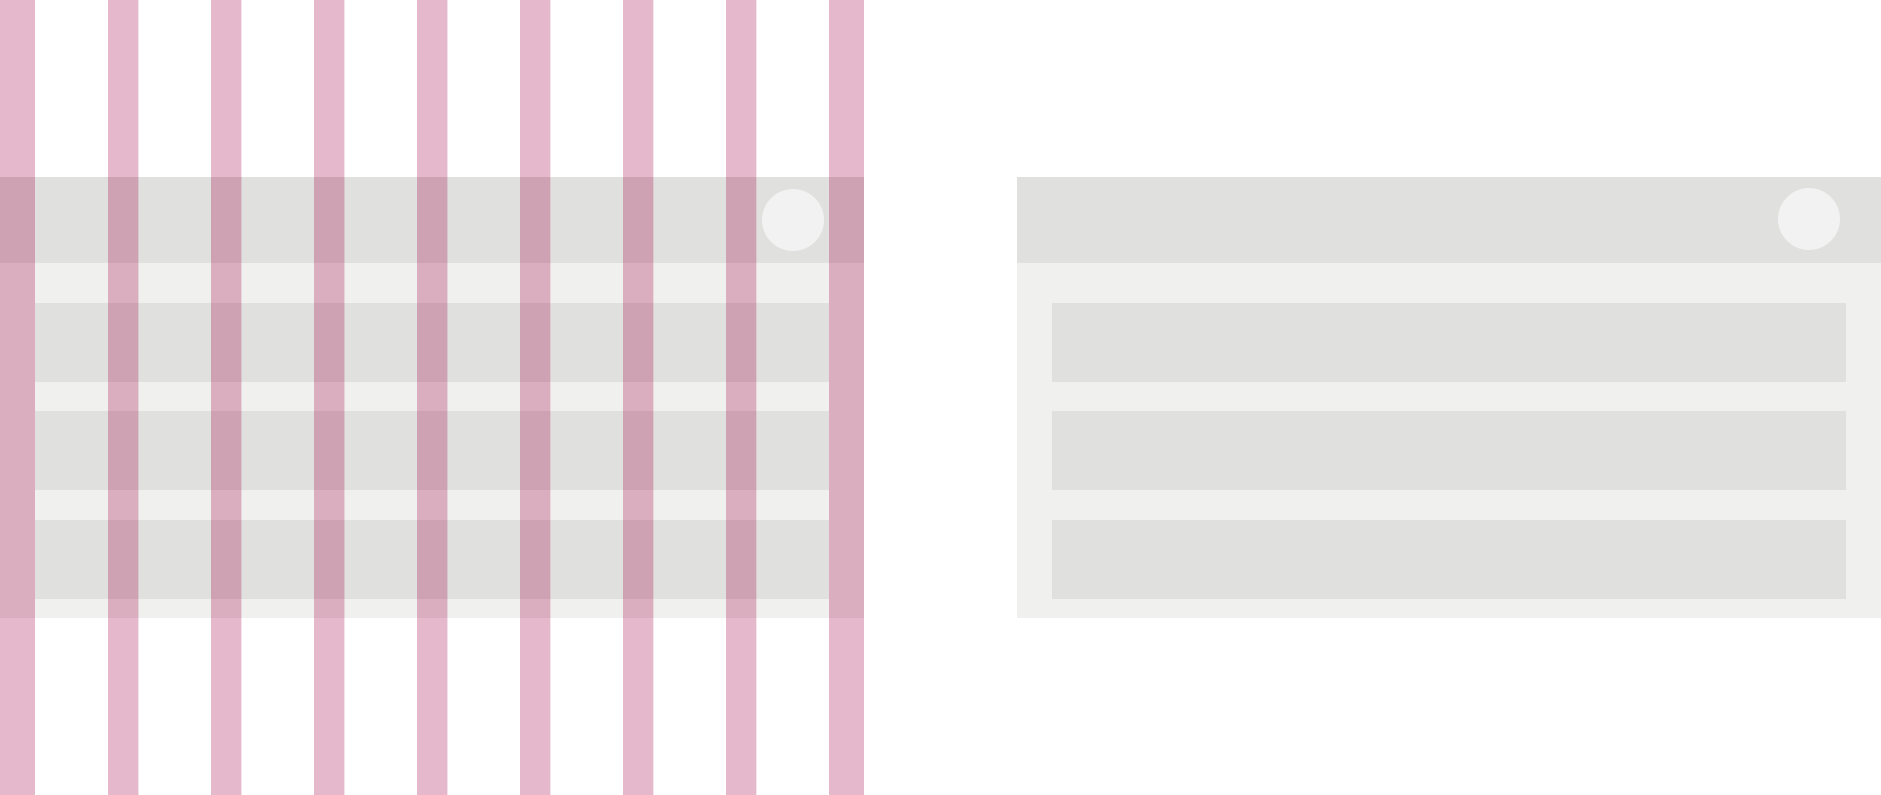 中サイズのデバイスのページにカラム間隔を表す赤線が引かれたレイアウト